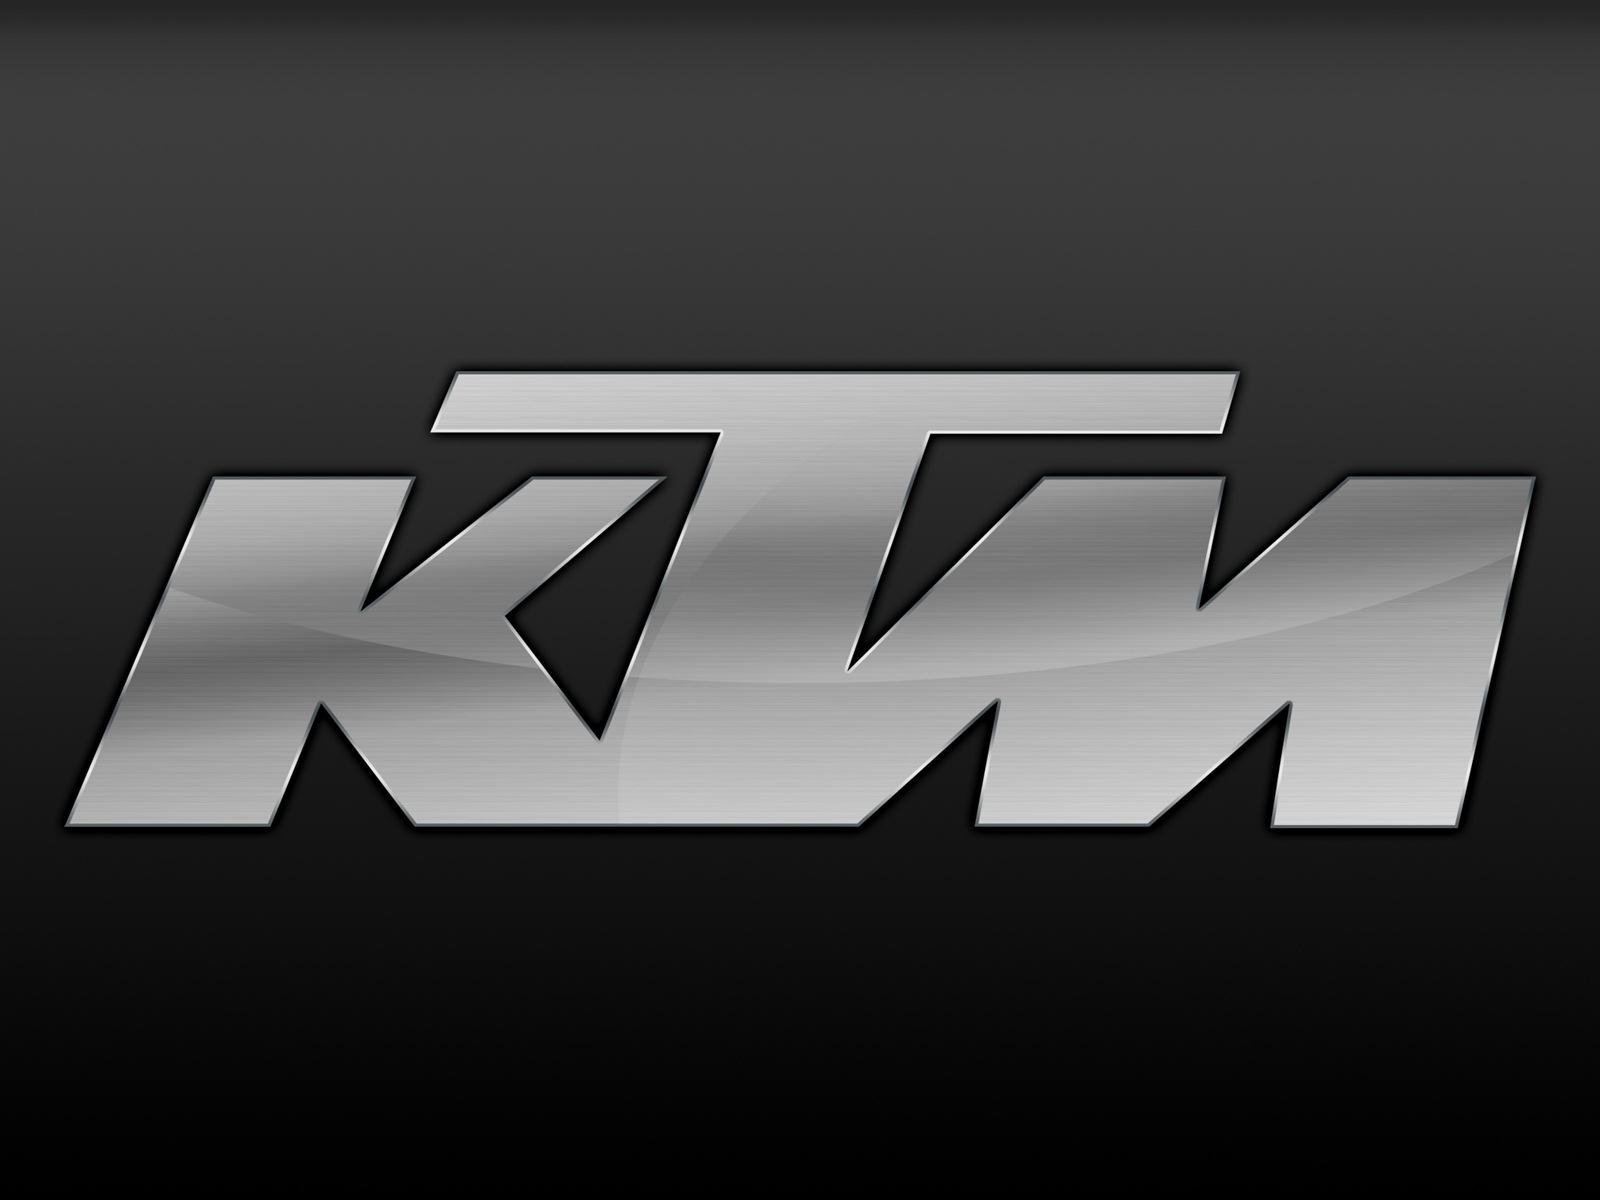 ktm logo wallpaper 30047